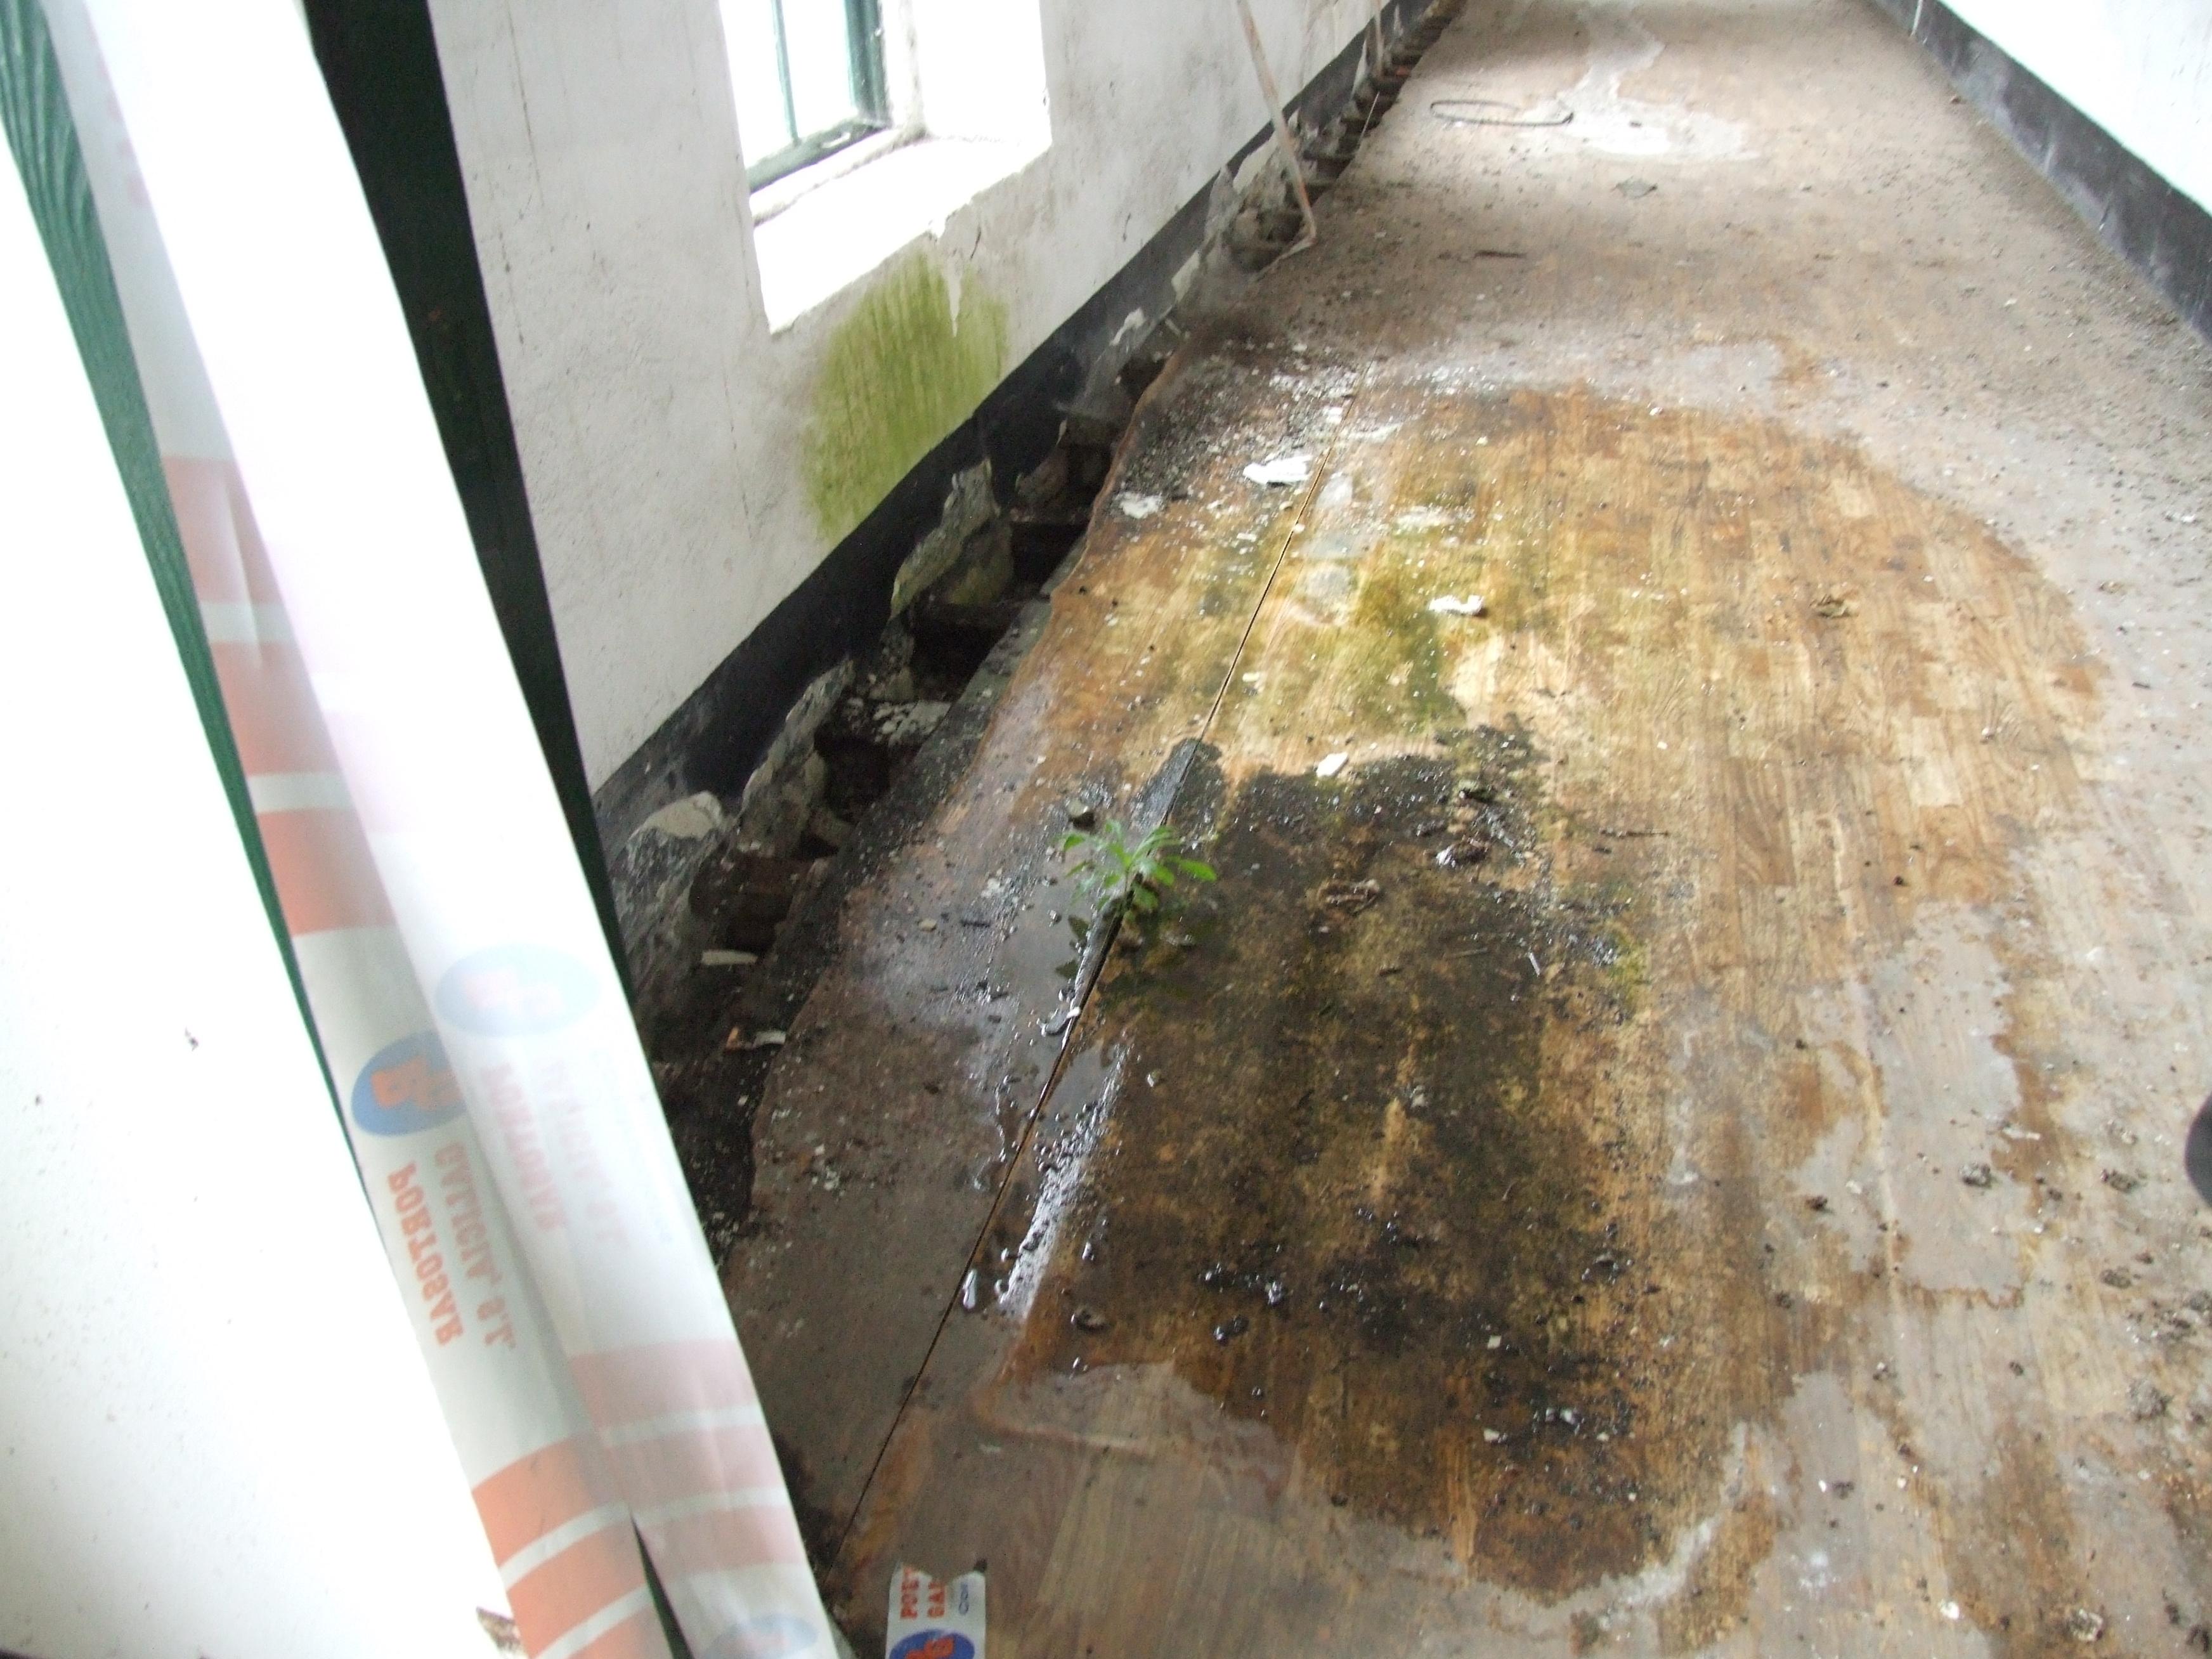 Pavimento estragado nun dos corredores do Cuartel de San Fernando | Concello de Lugo